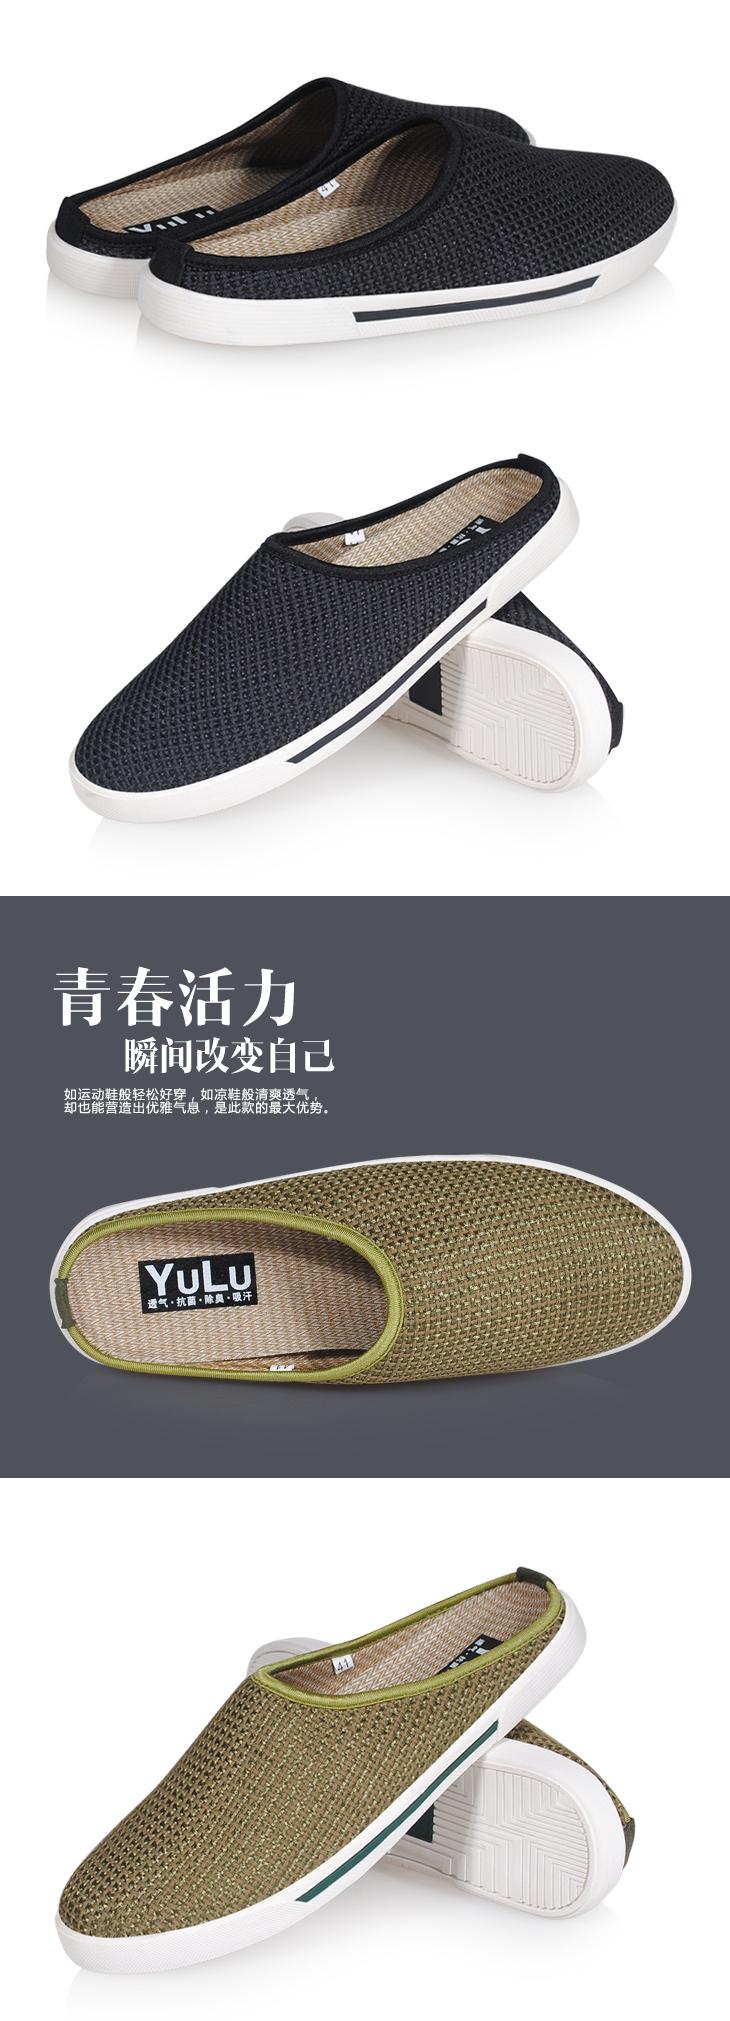 男拖鞋潮拖半拖鞋男凉鞋m3